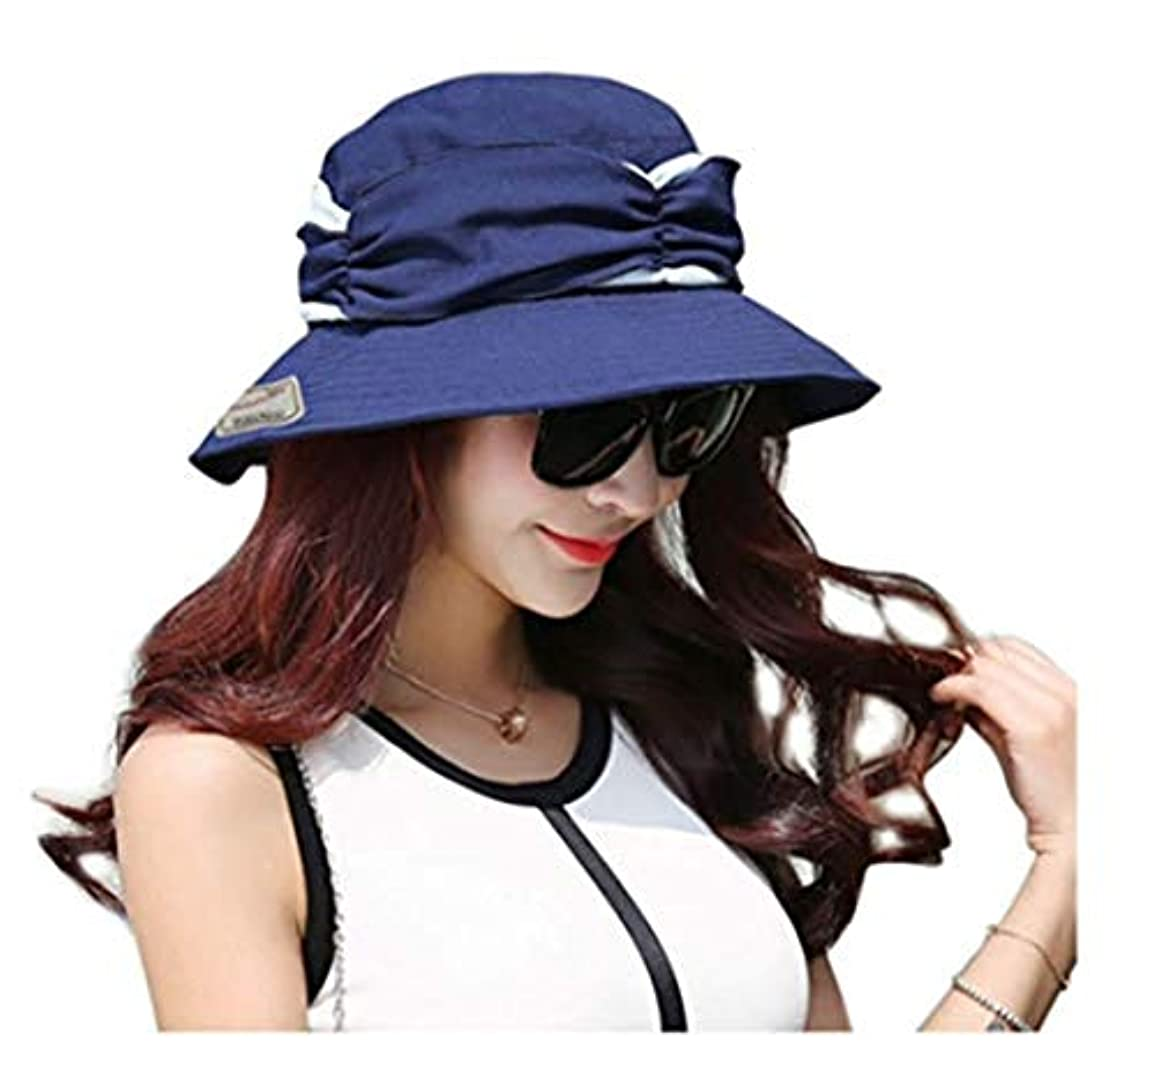 政治的ガウンサイトレディース 帽子 360度 UVカット ハット メッシュ 日よけ帽子 夏 日焼け防止 サンバイザー 取り外すあご紐 つば広 紫外線対策 熱中症予防 おしゃれ 可愛い 小顔効果 旅行 自転車 農作業